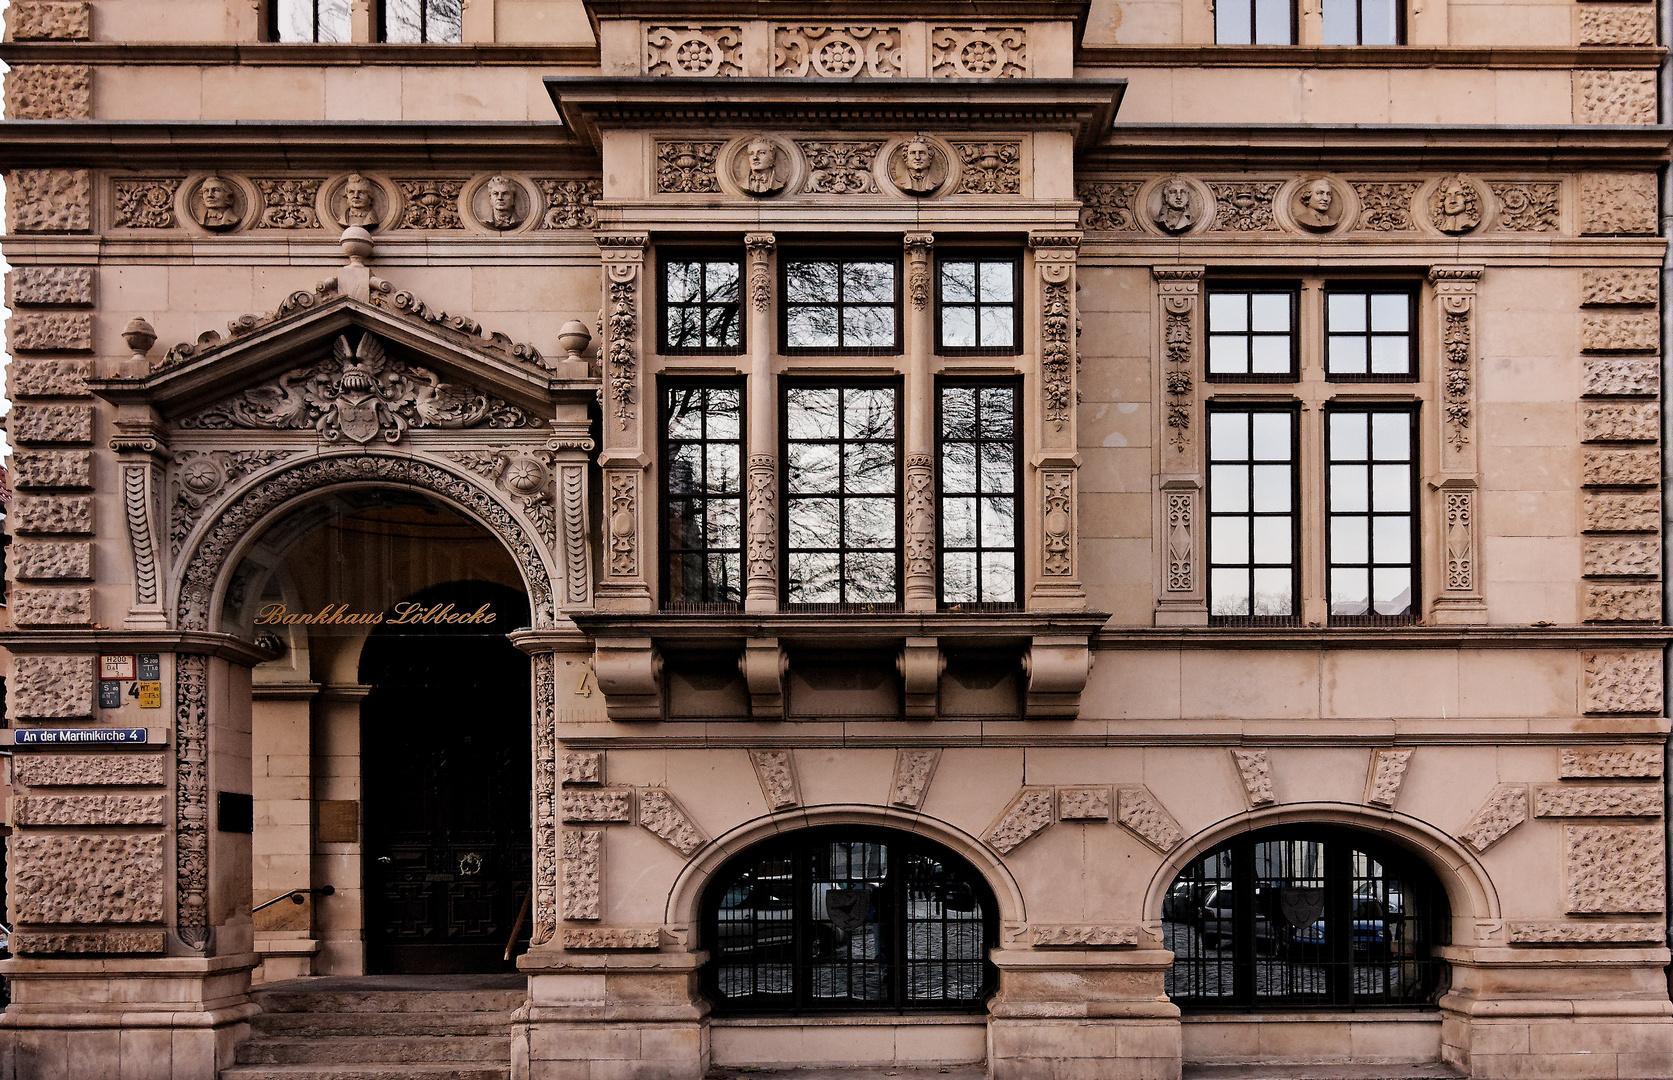 Stadtansichten - Bankhaus Löbbecke